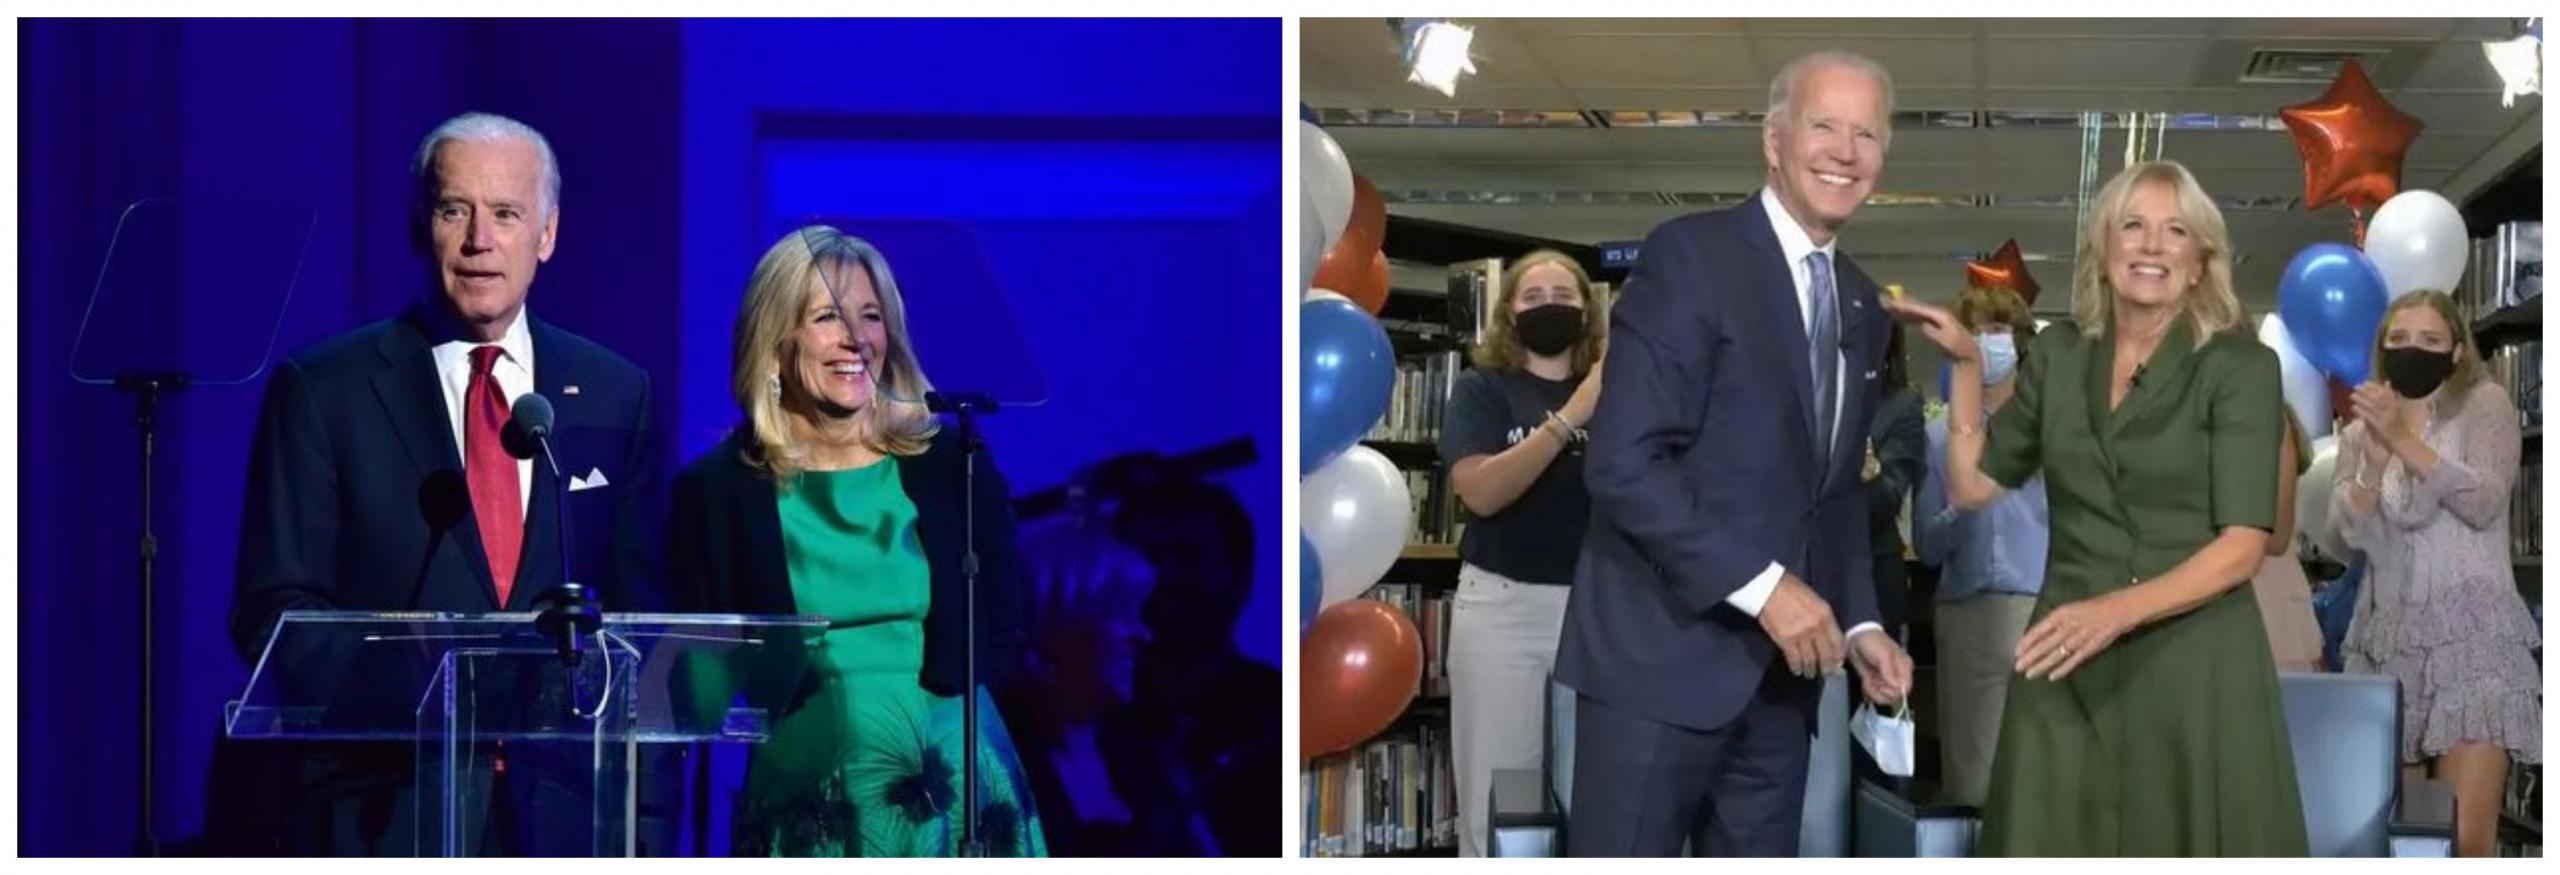 Jill in Joe Biden leta 2015 in danes. Vir: Twitter